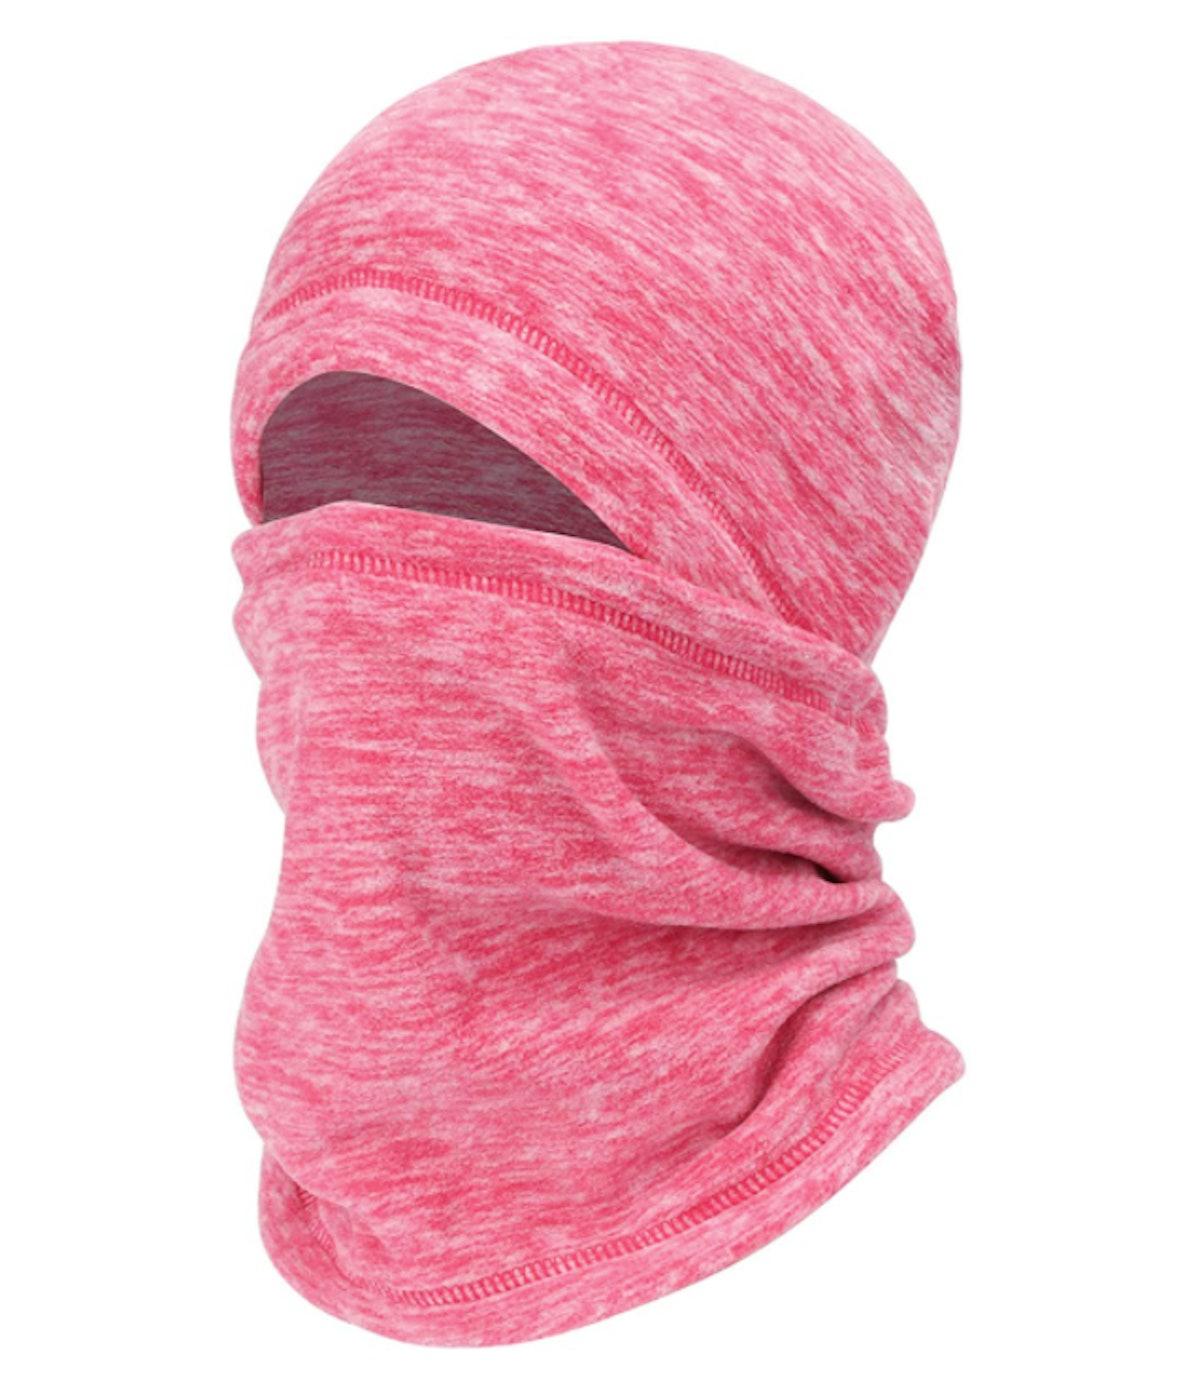 mysuntown Balaclava Ski Mask